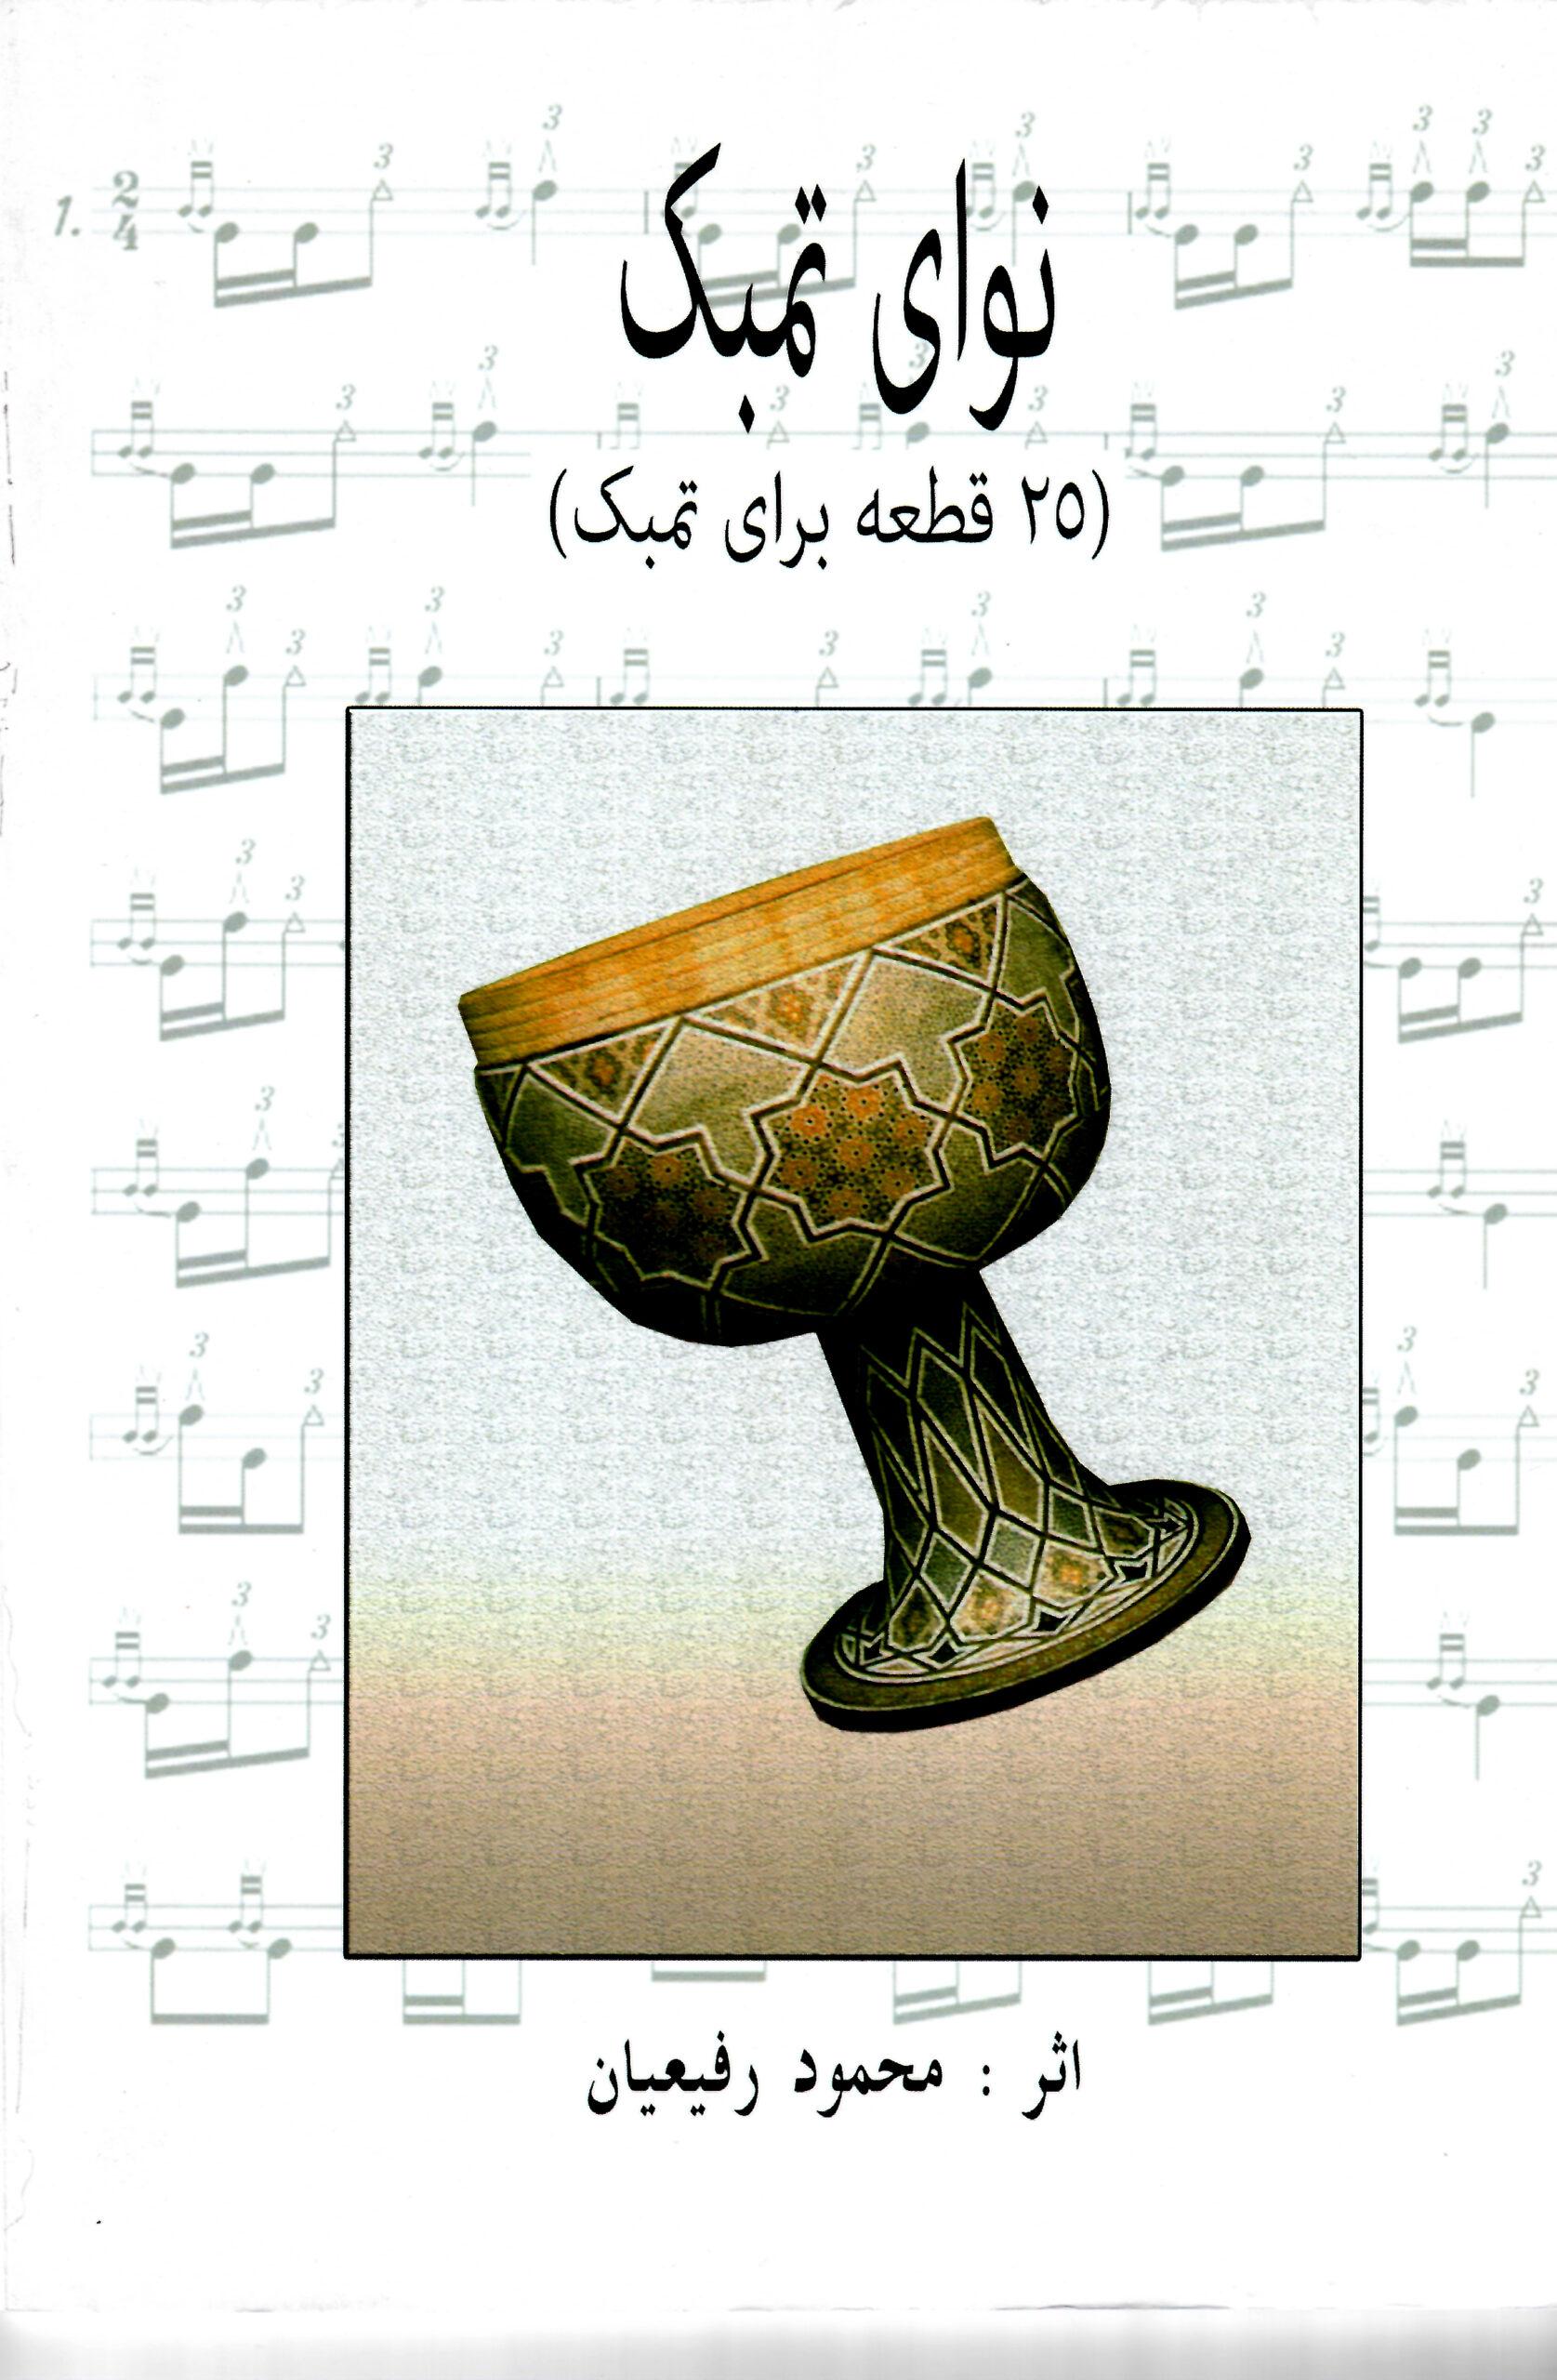 نوای تمبک محمود رفیعیان